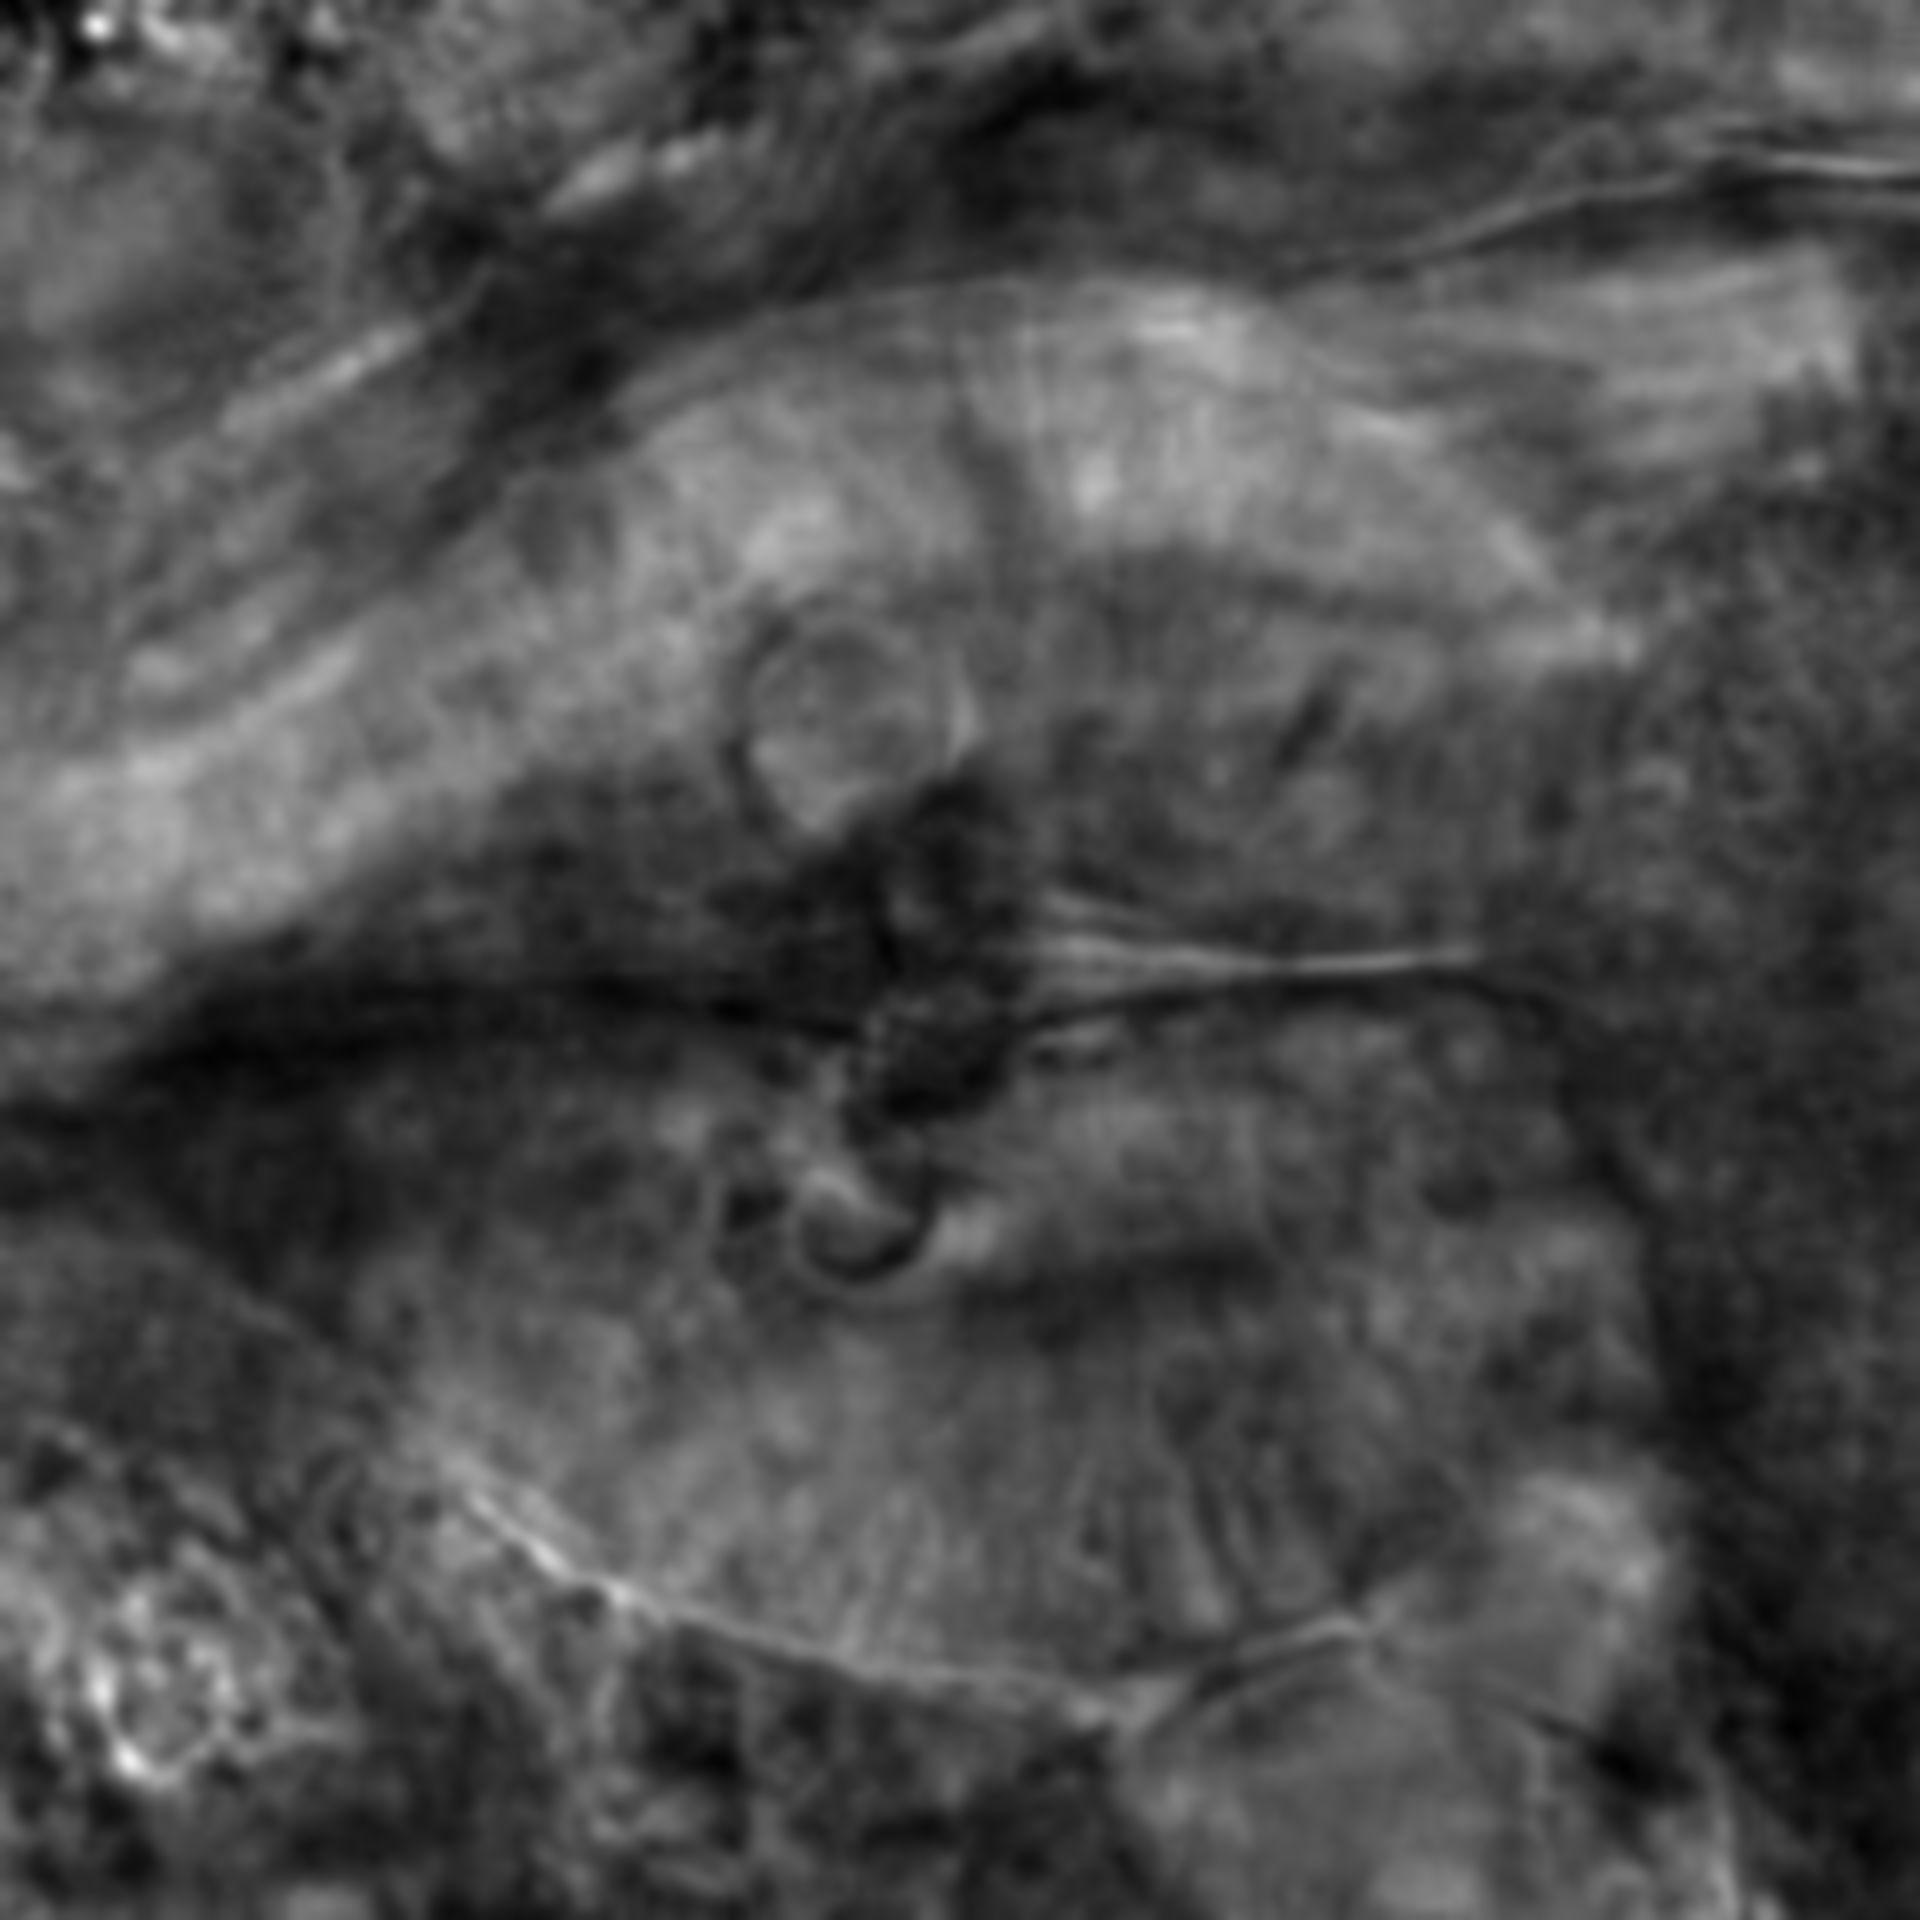 Caenorhabditis elegans - CIL:1909